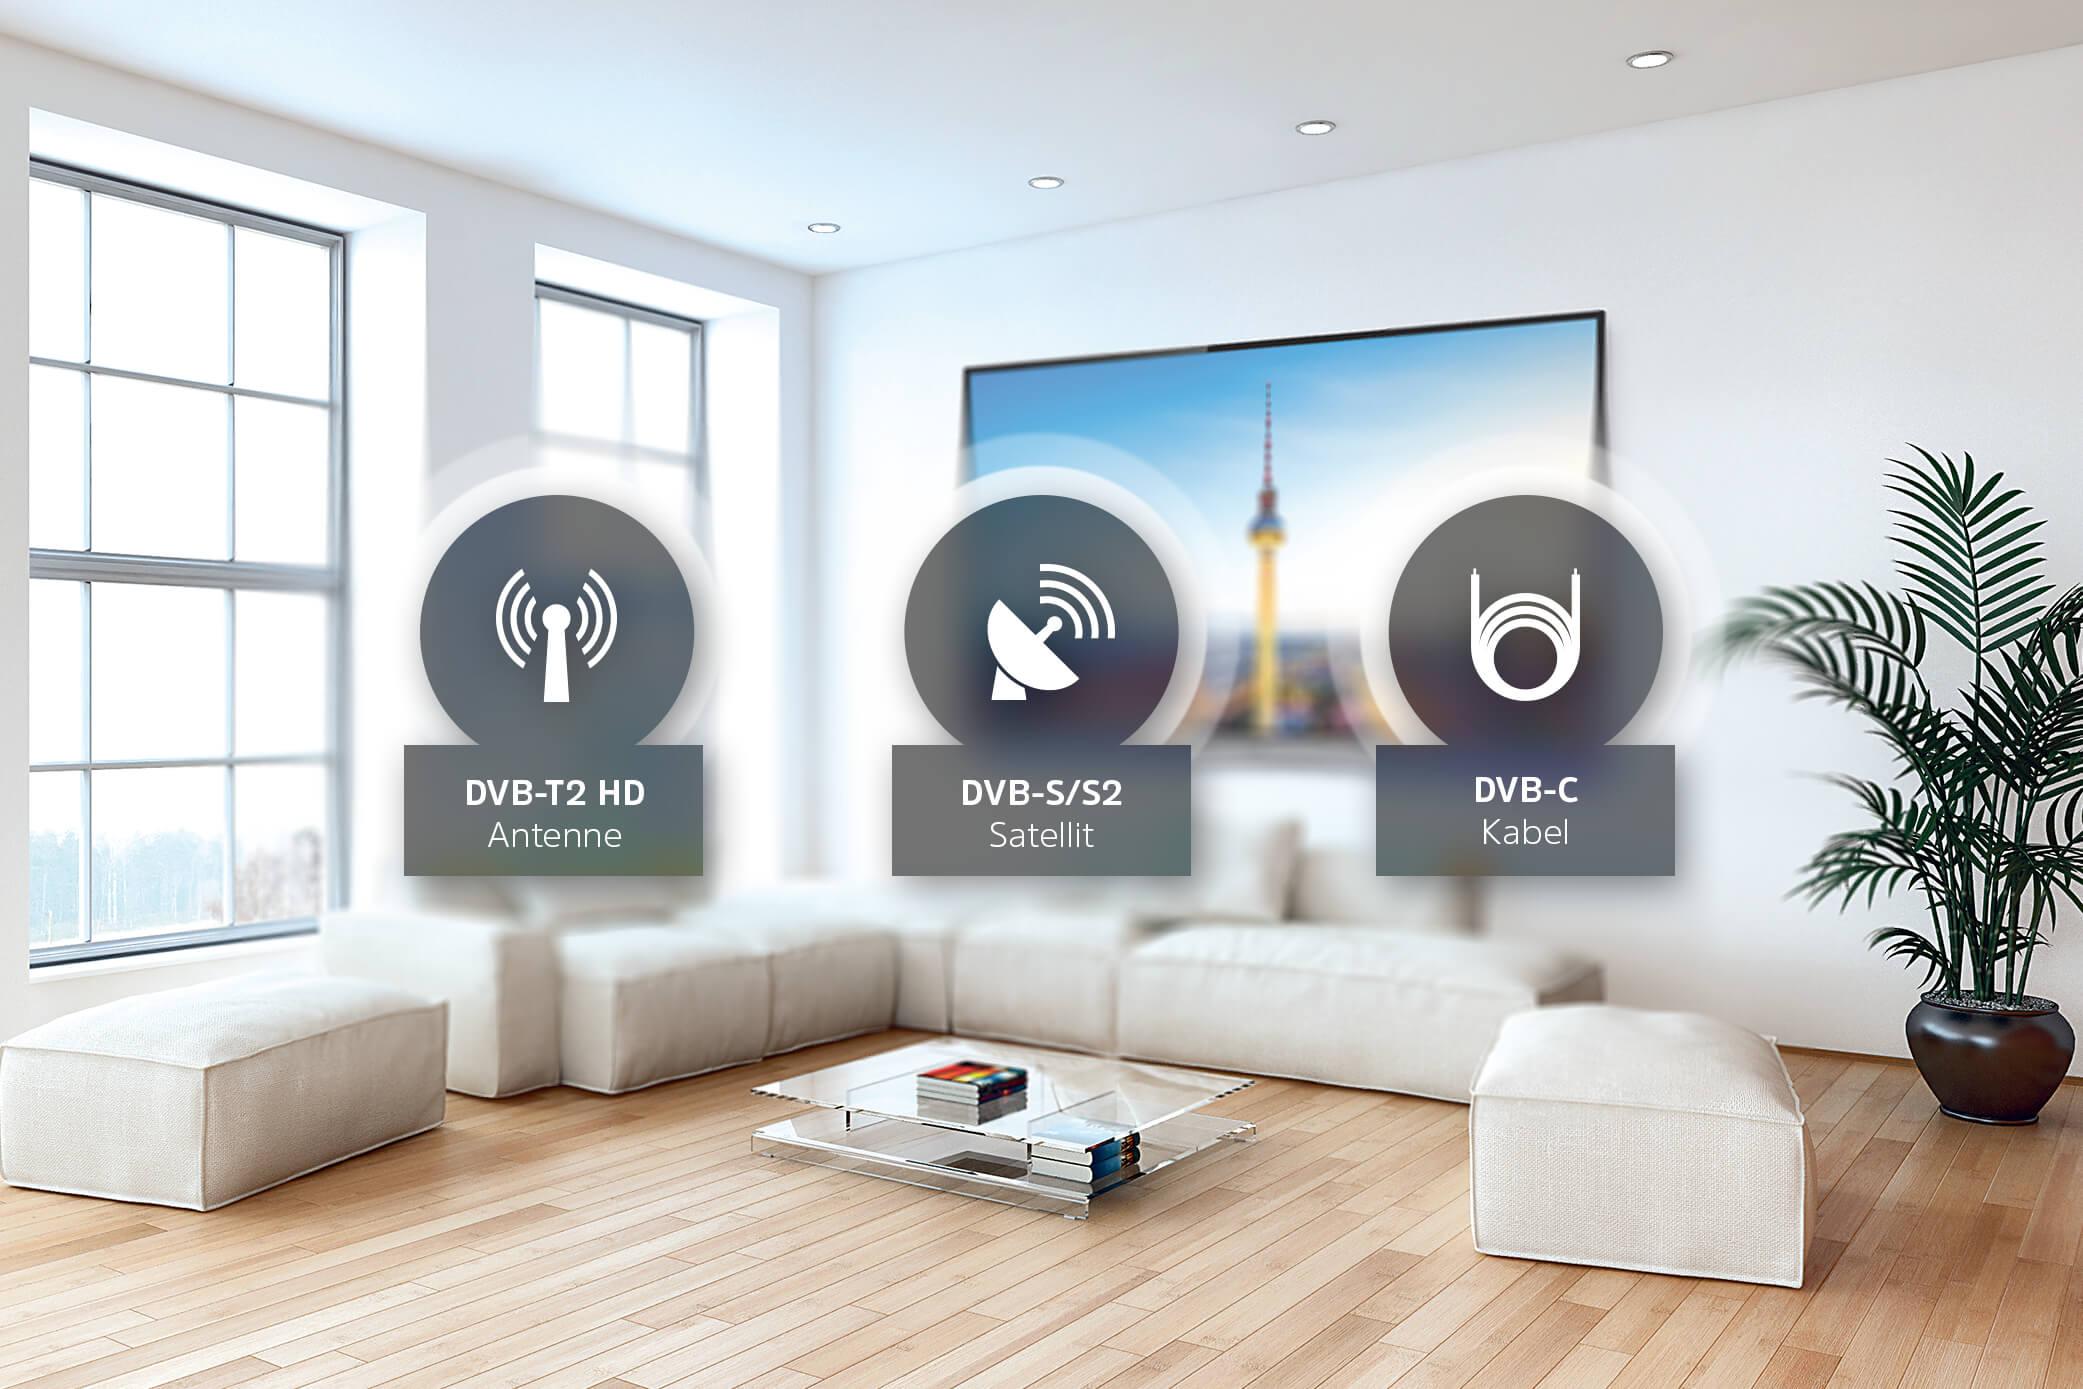 Praktische Alternative zur DVB-T2 HD-Umrüstung